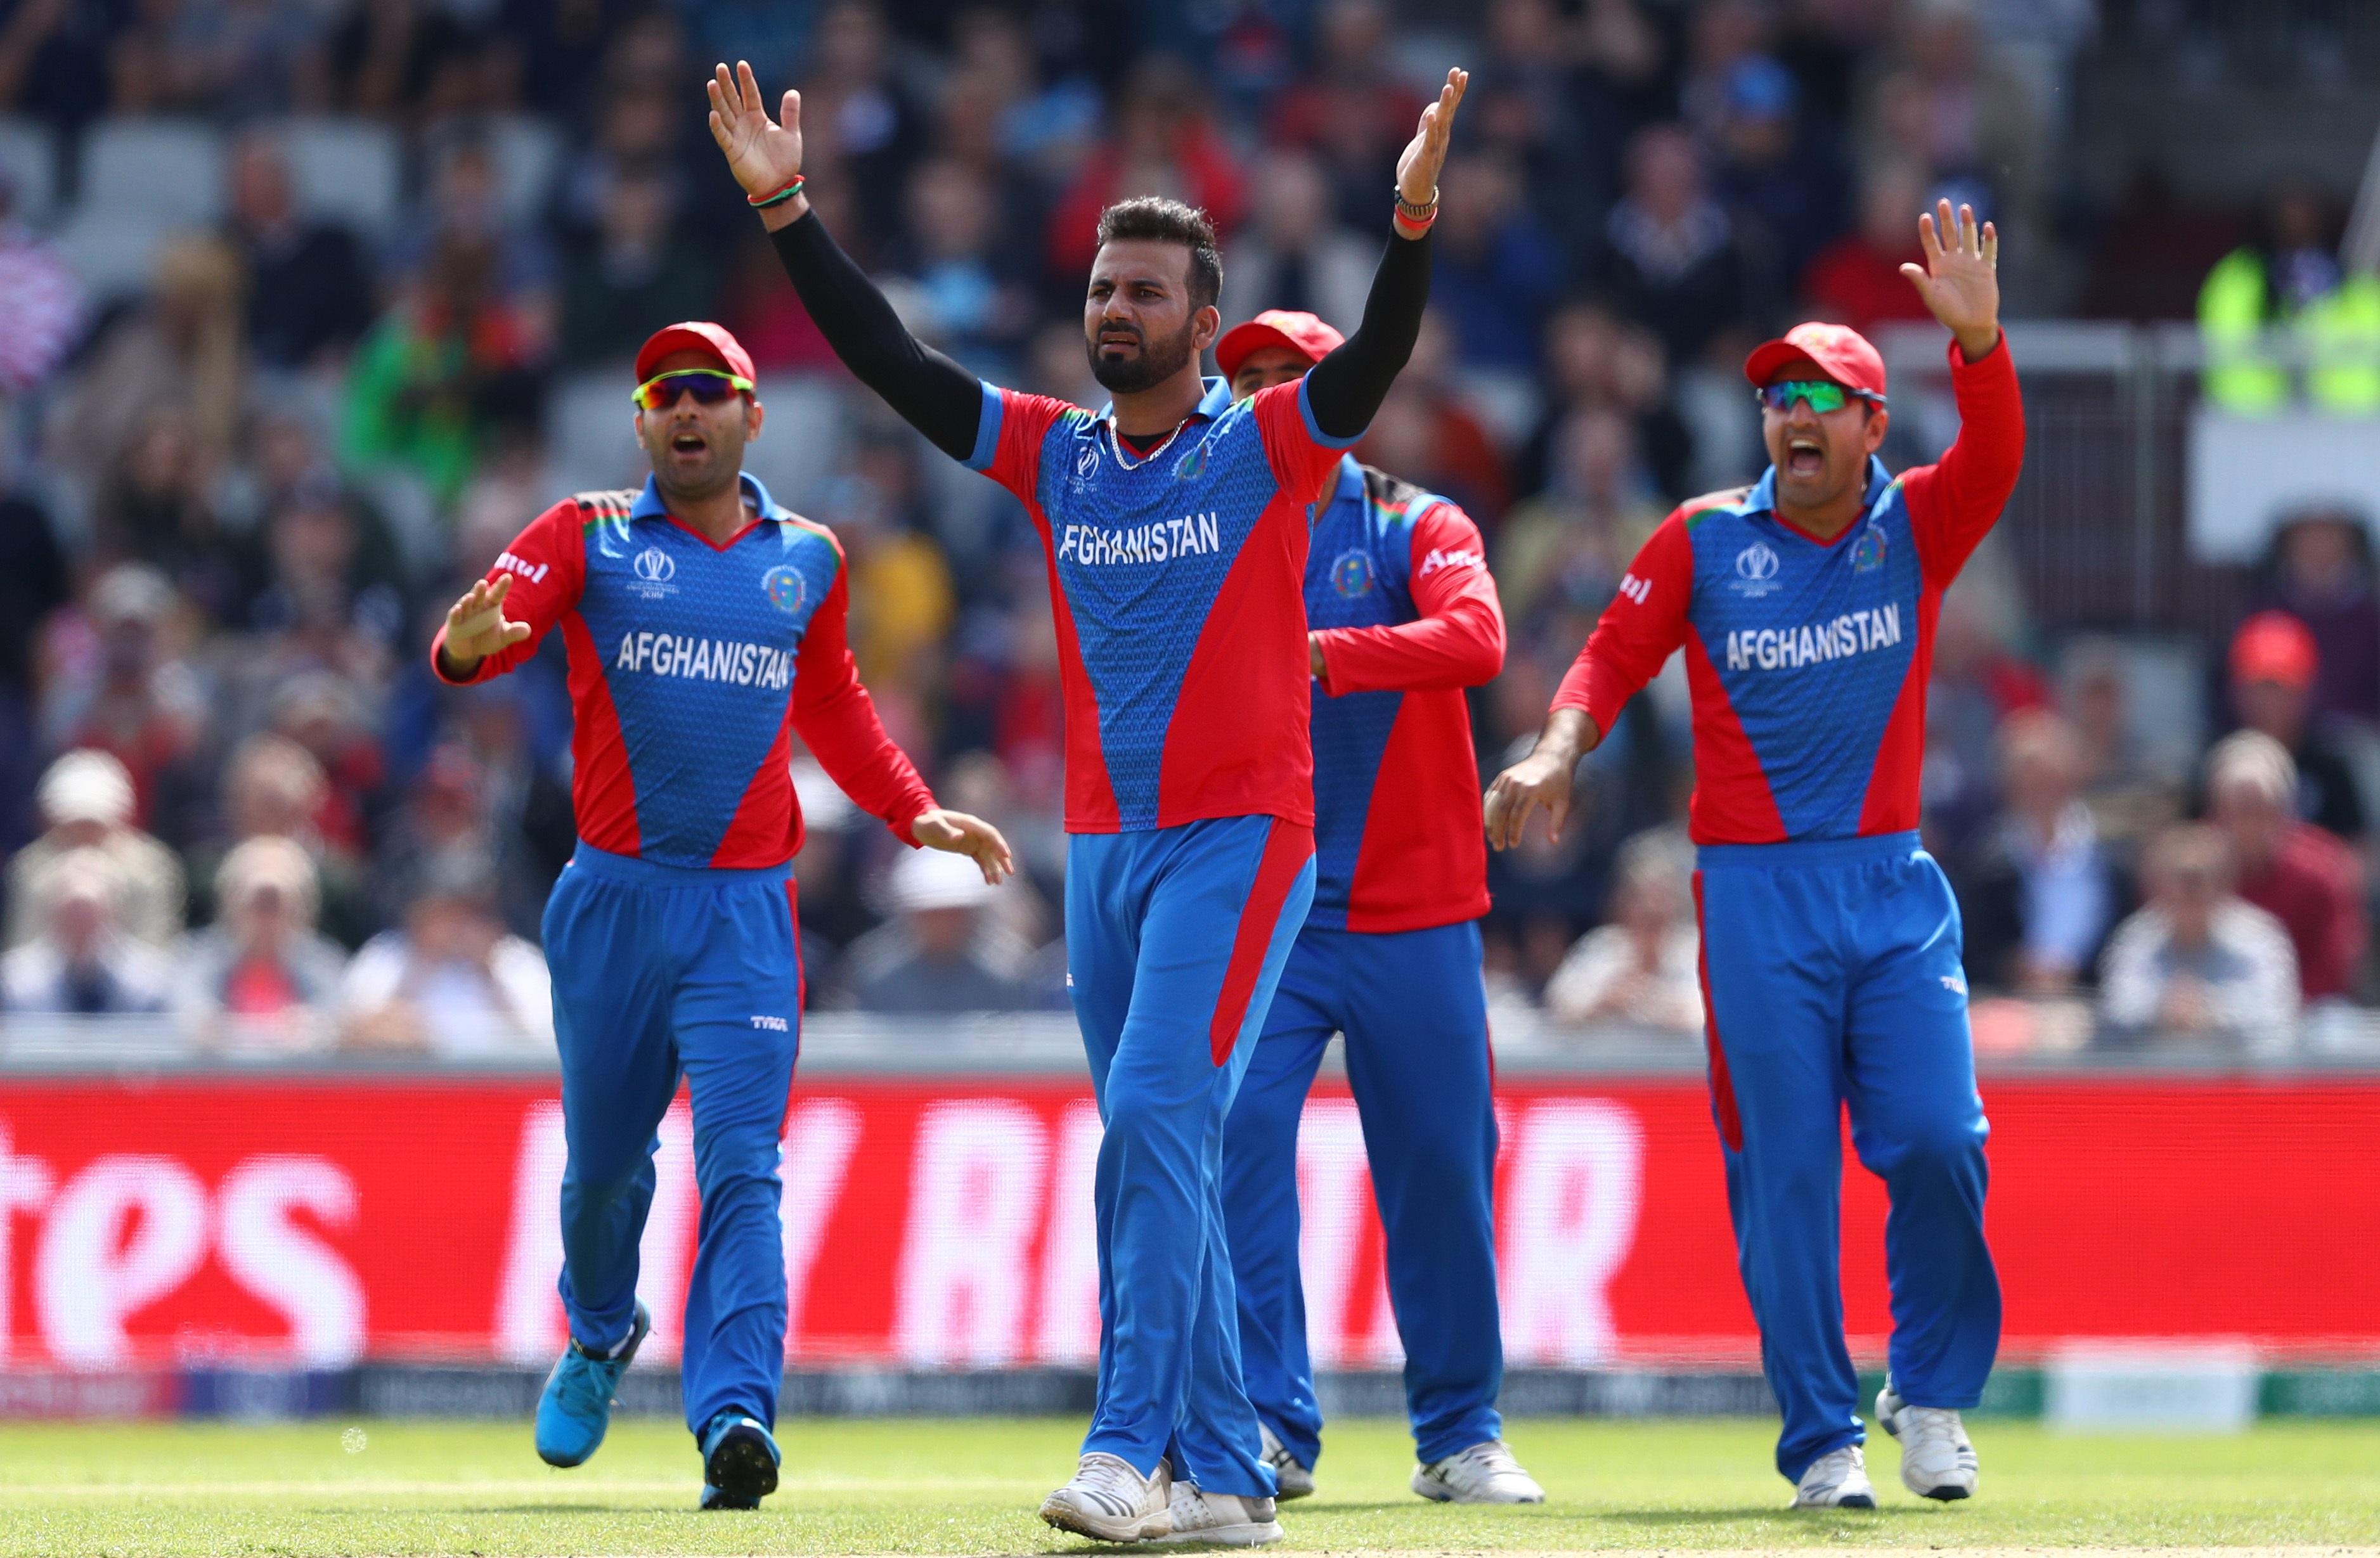 अफगानिस्तान क्रिकेट बोर्ड ने मुख्य चयनकर्ता और टीम मैनेजर को किया सस्पेंड, ये है वजह 7